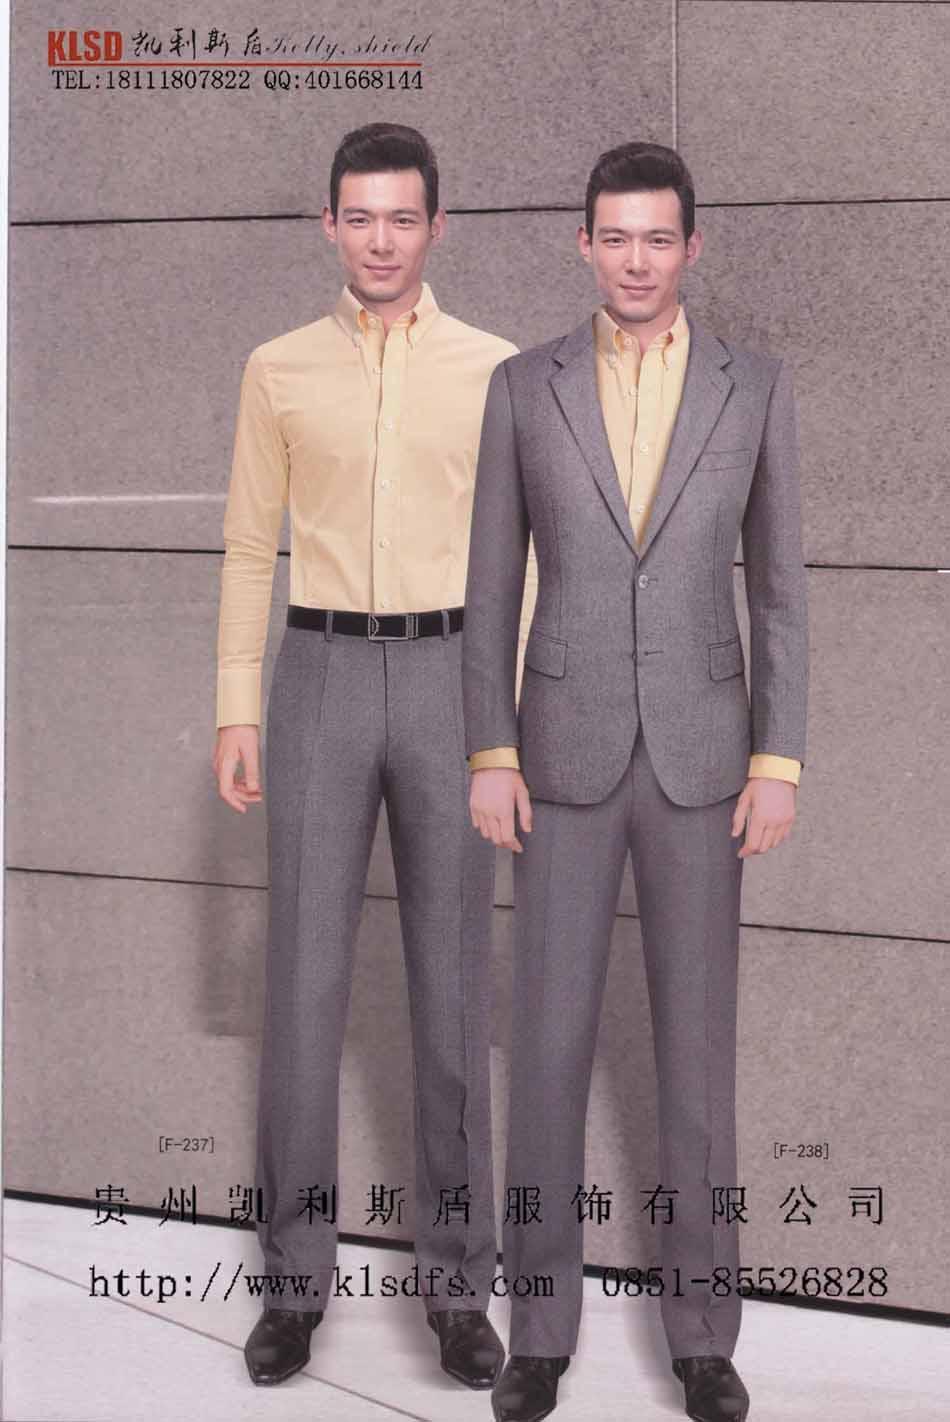 高级男装厂家直销,推荐贵州凯利斯盾,高级男装多少钱